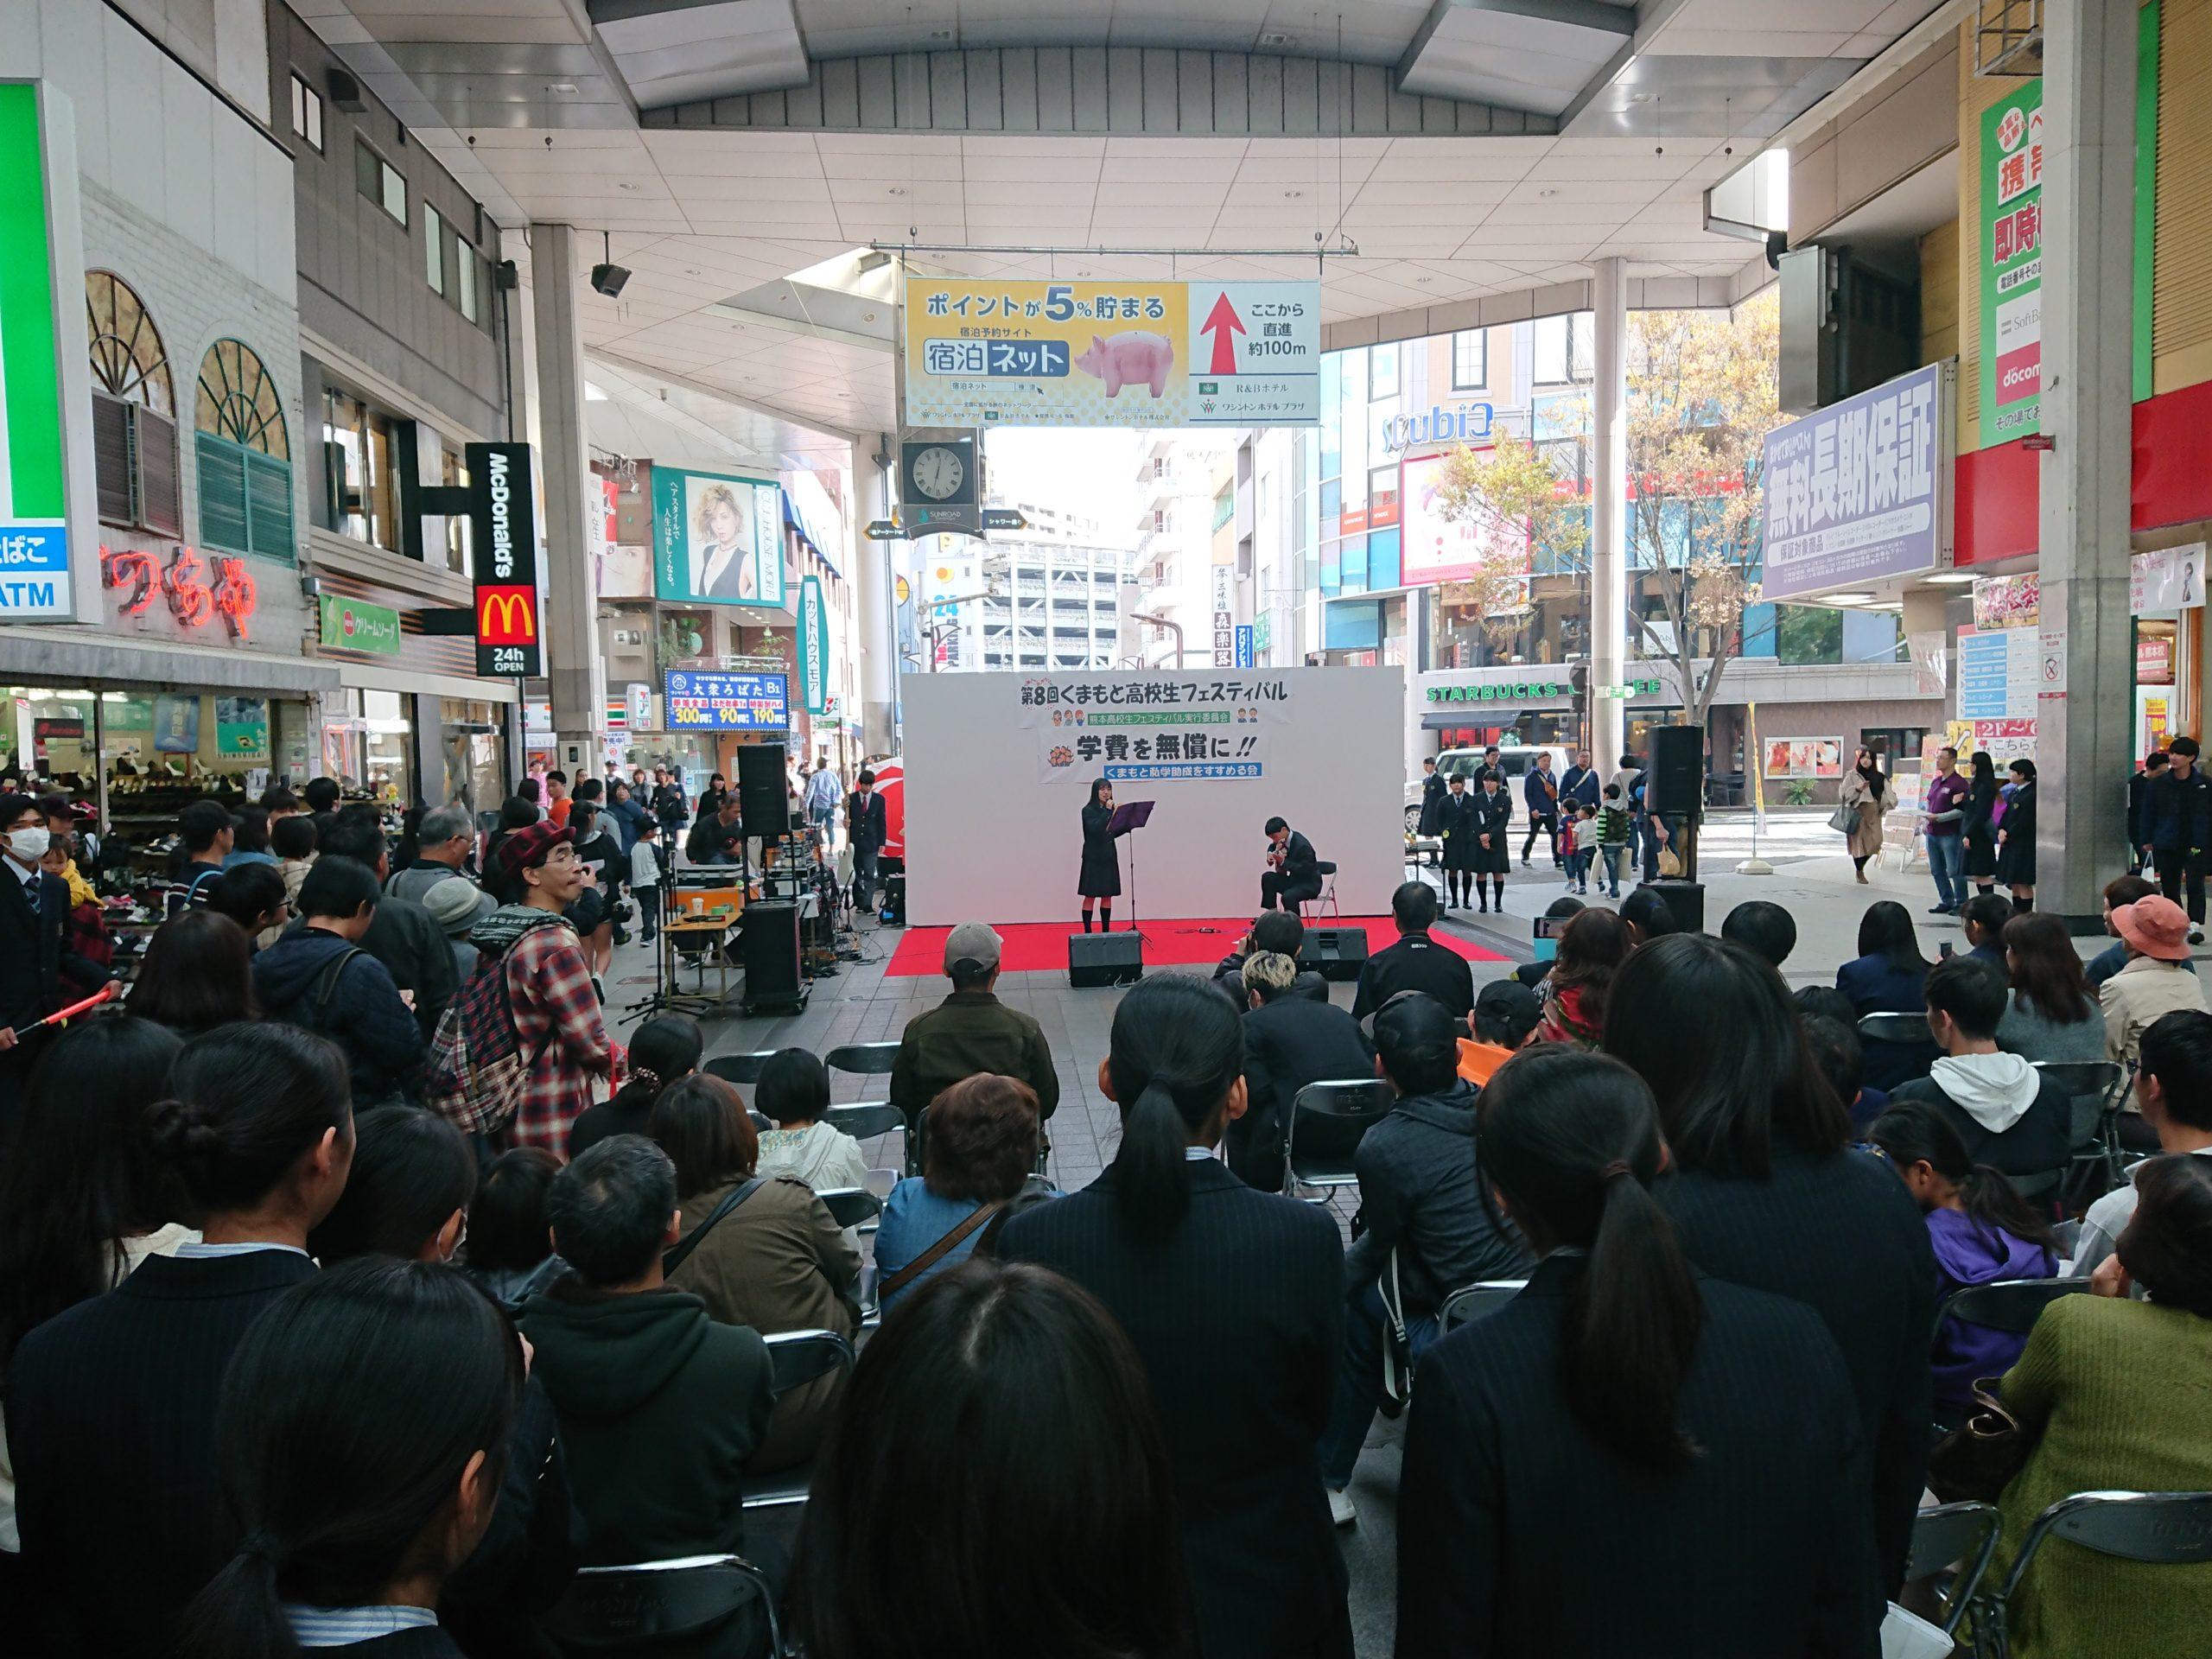 熊本 新市街